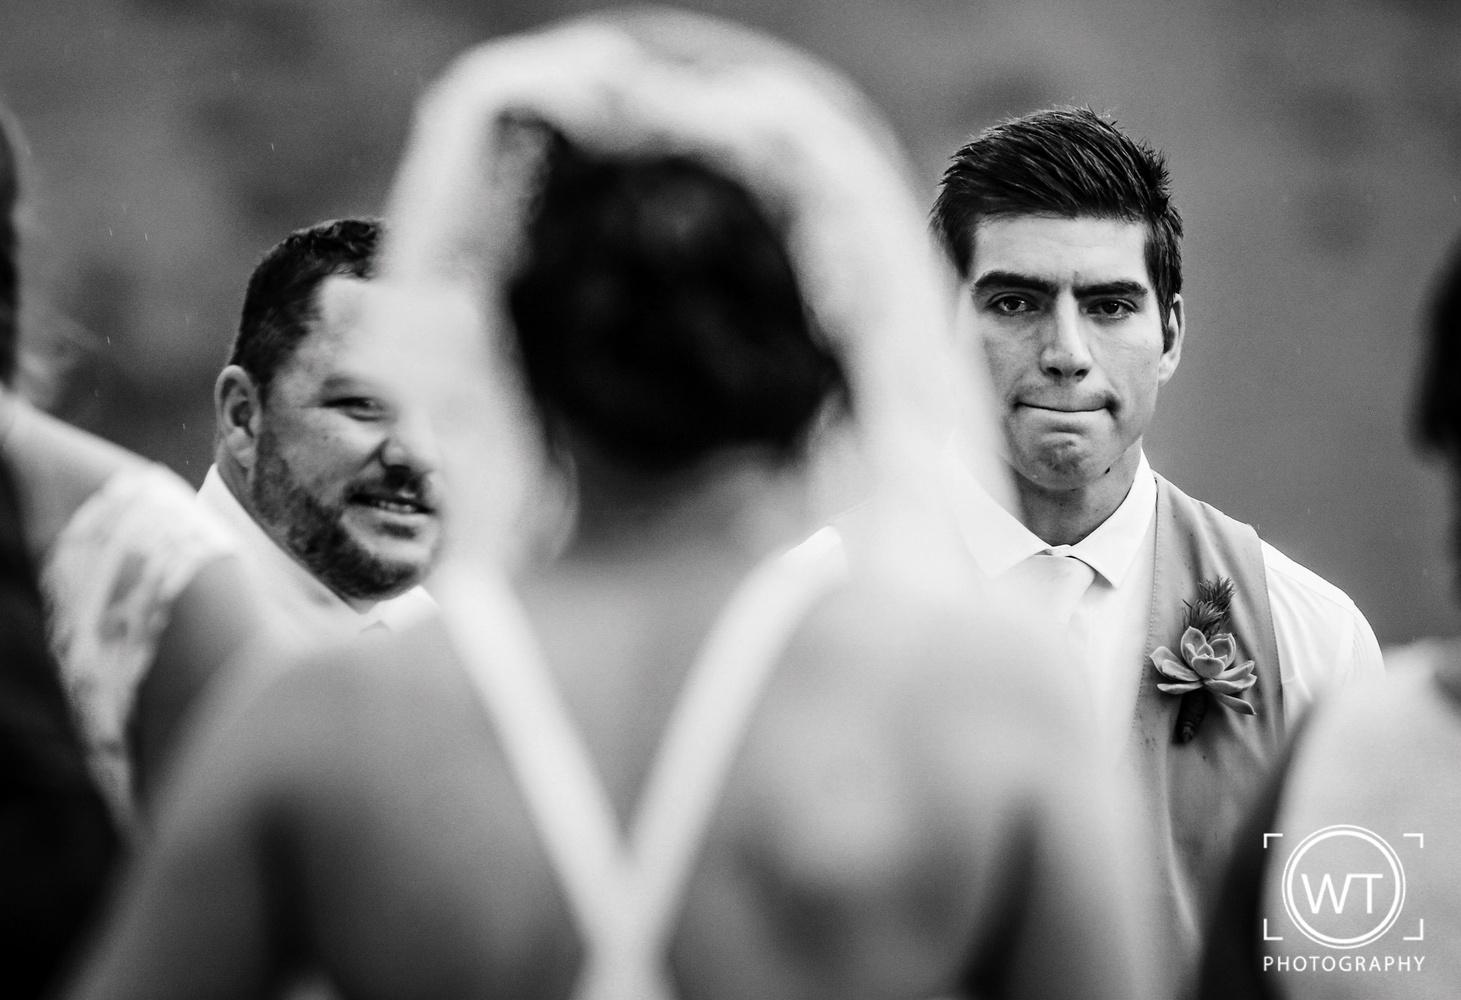 Seeing the Bride by Wayne van der Walt